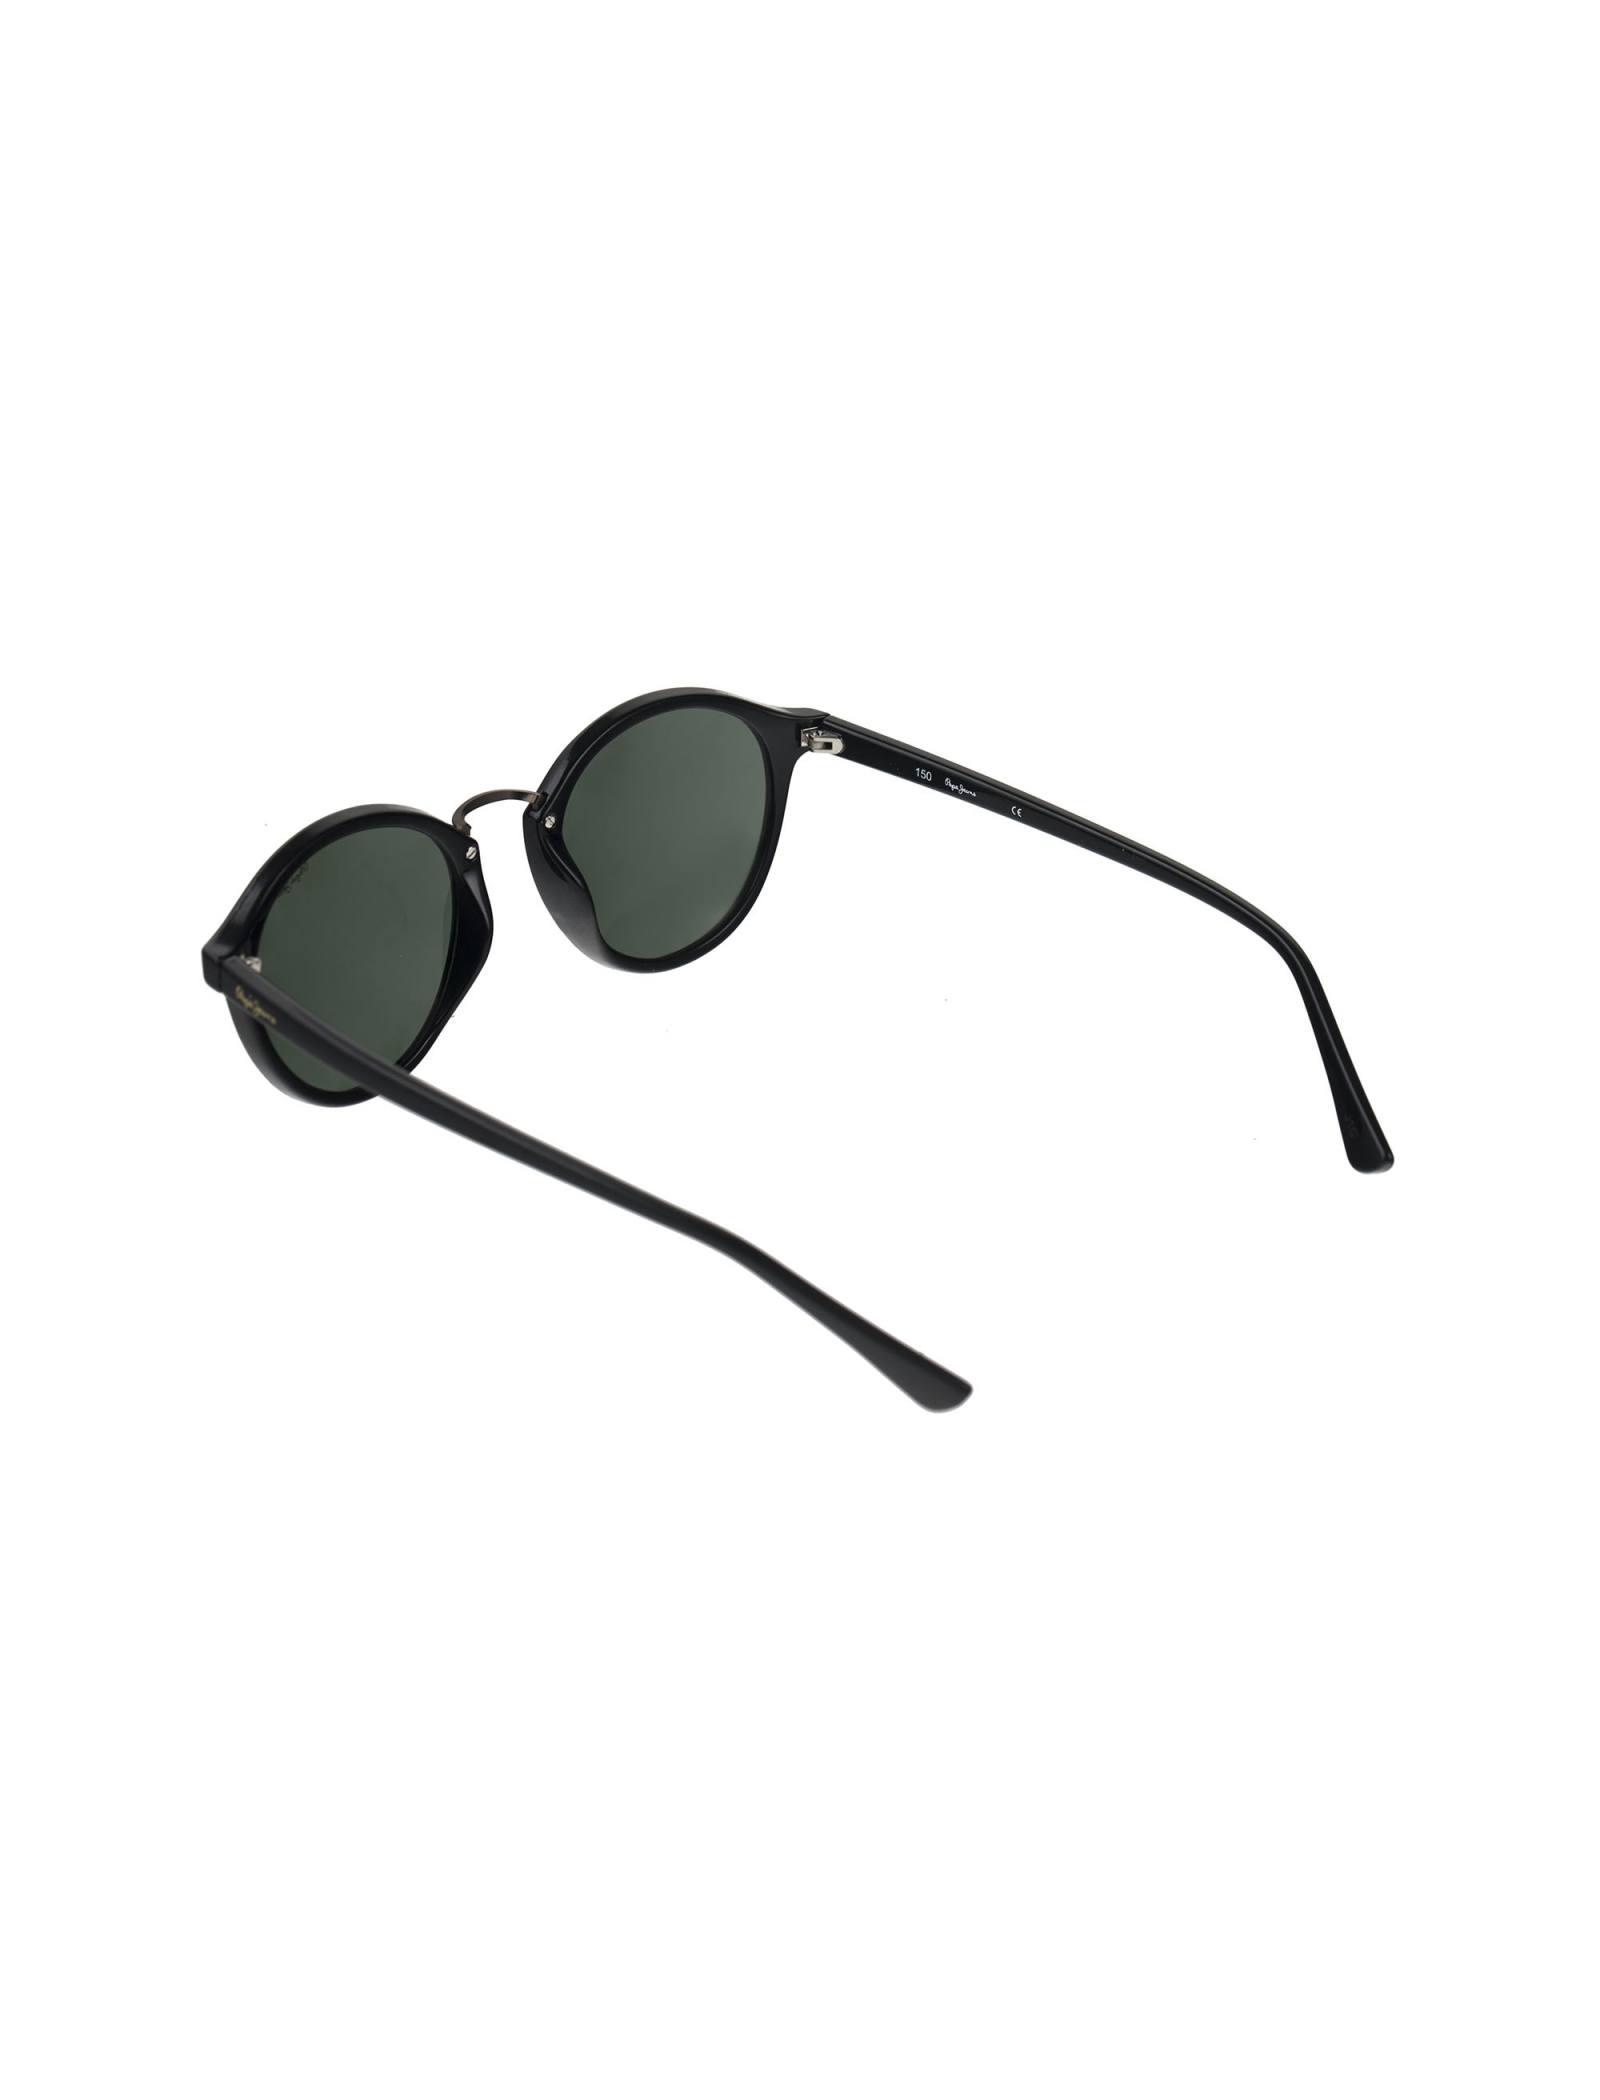 عینک آفتابی پنتوس زنانه - پپه جینز - مشکي        - 4